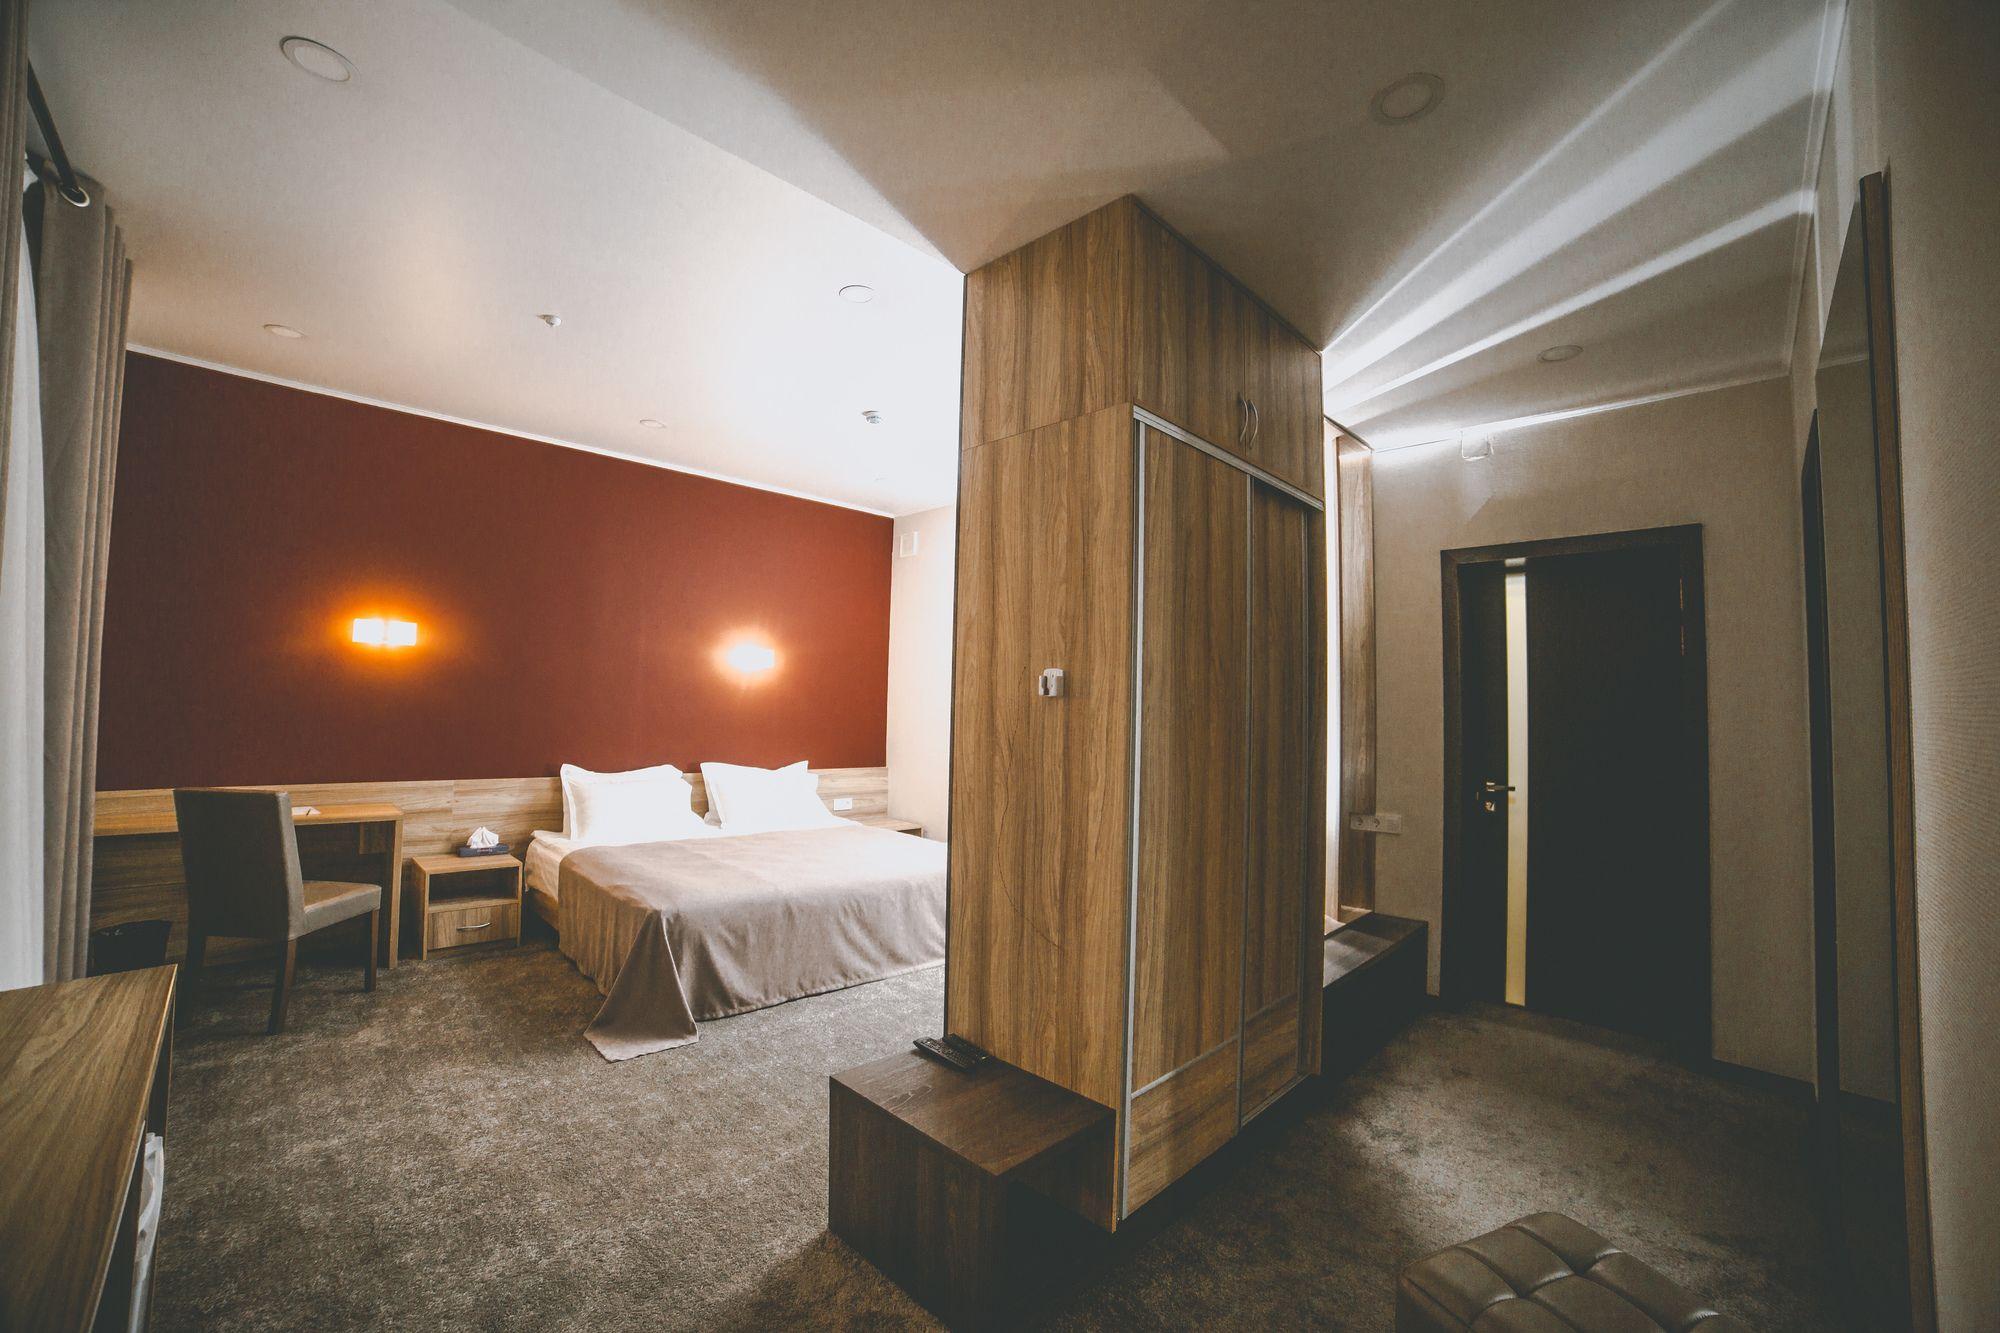 Lumarc Hotel - Kyrgyzstan - BISHKEK